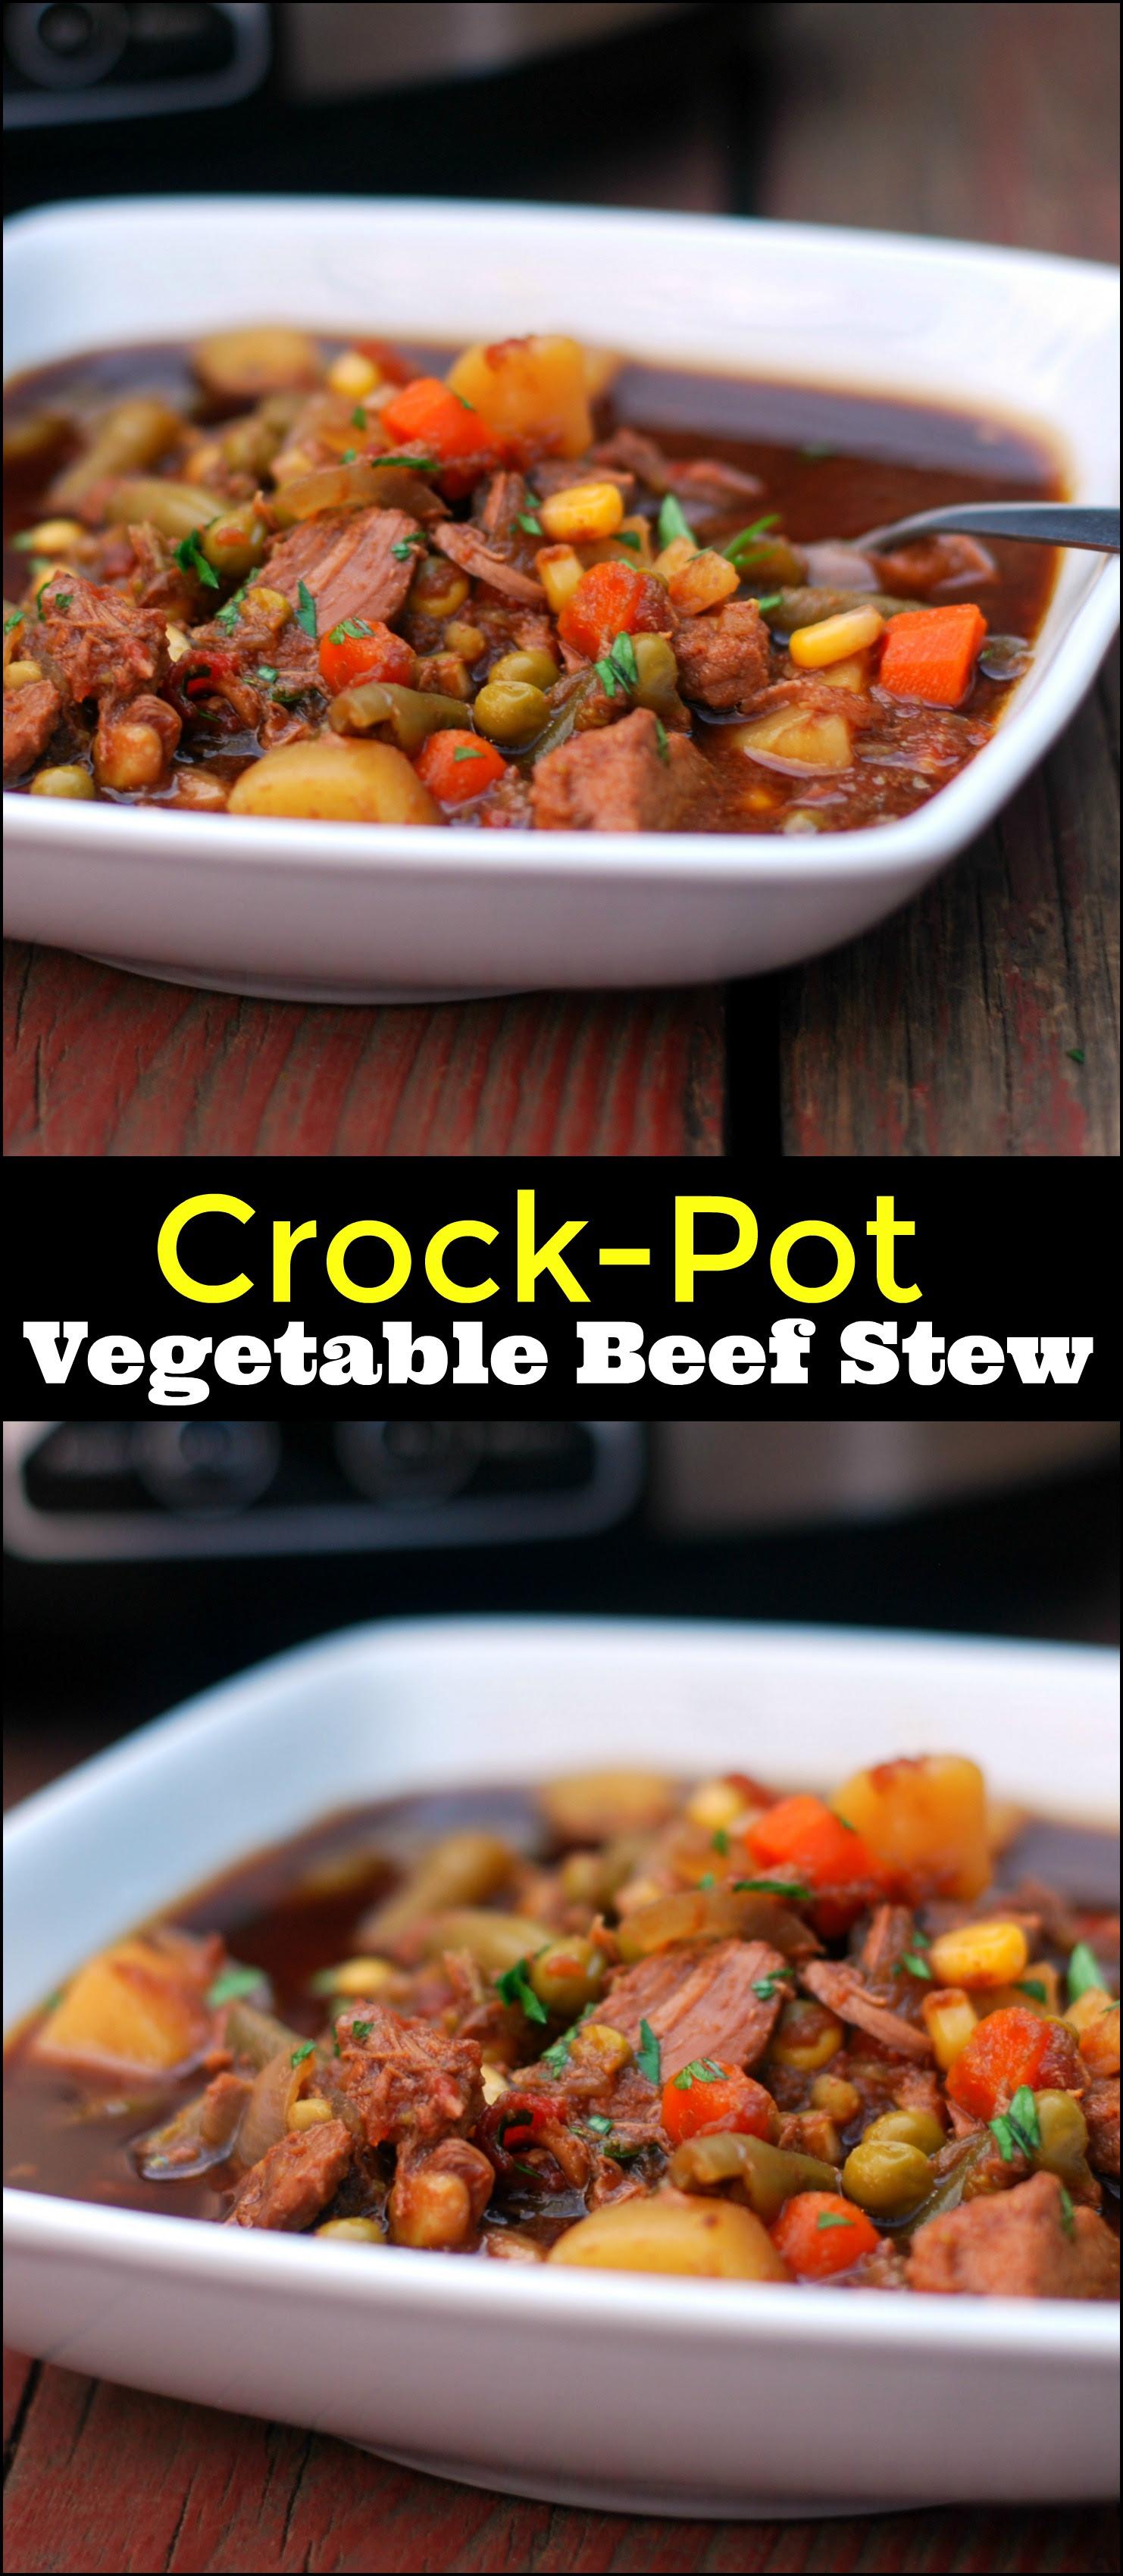 Crock Pot Vegetable Beef Stew - Aunt Bee's Recipes